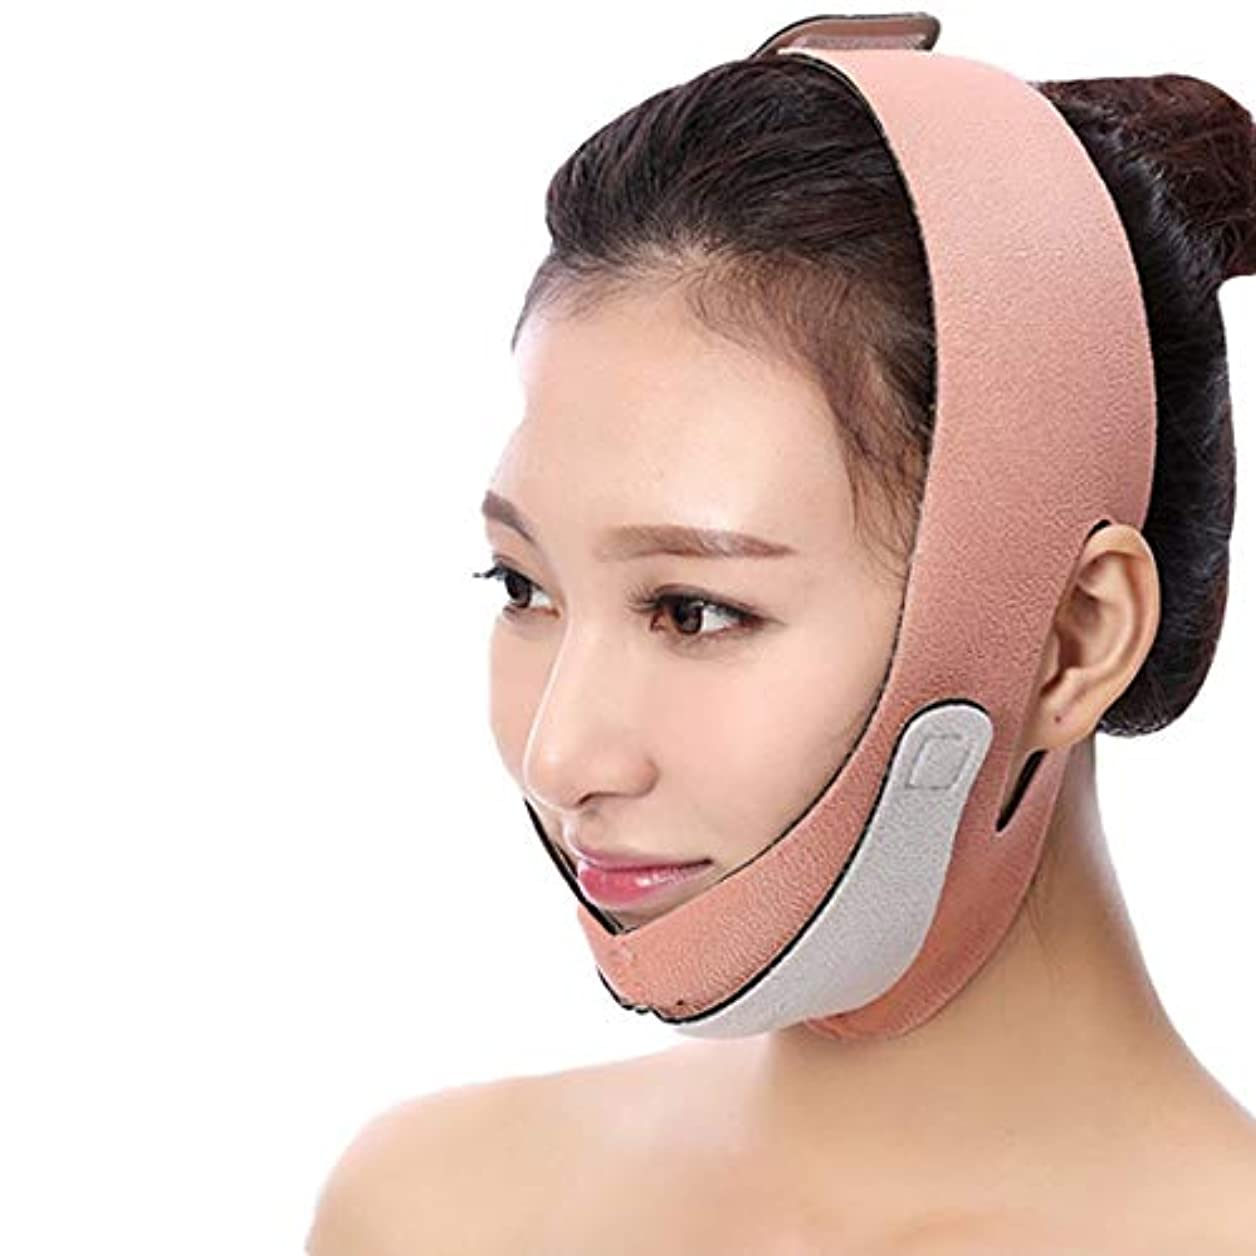 ラテン期待して続けるZWBD フェイスマスク, 調節可能なVのラインライン包帯の顔の二重あごの減量の包帯が付いている表面持ち上がる包帯の顔の細くのマスクの持ち上がる表面